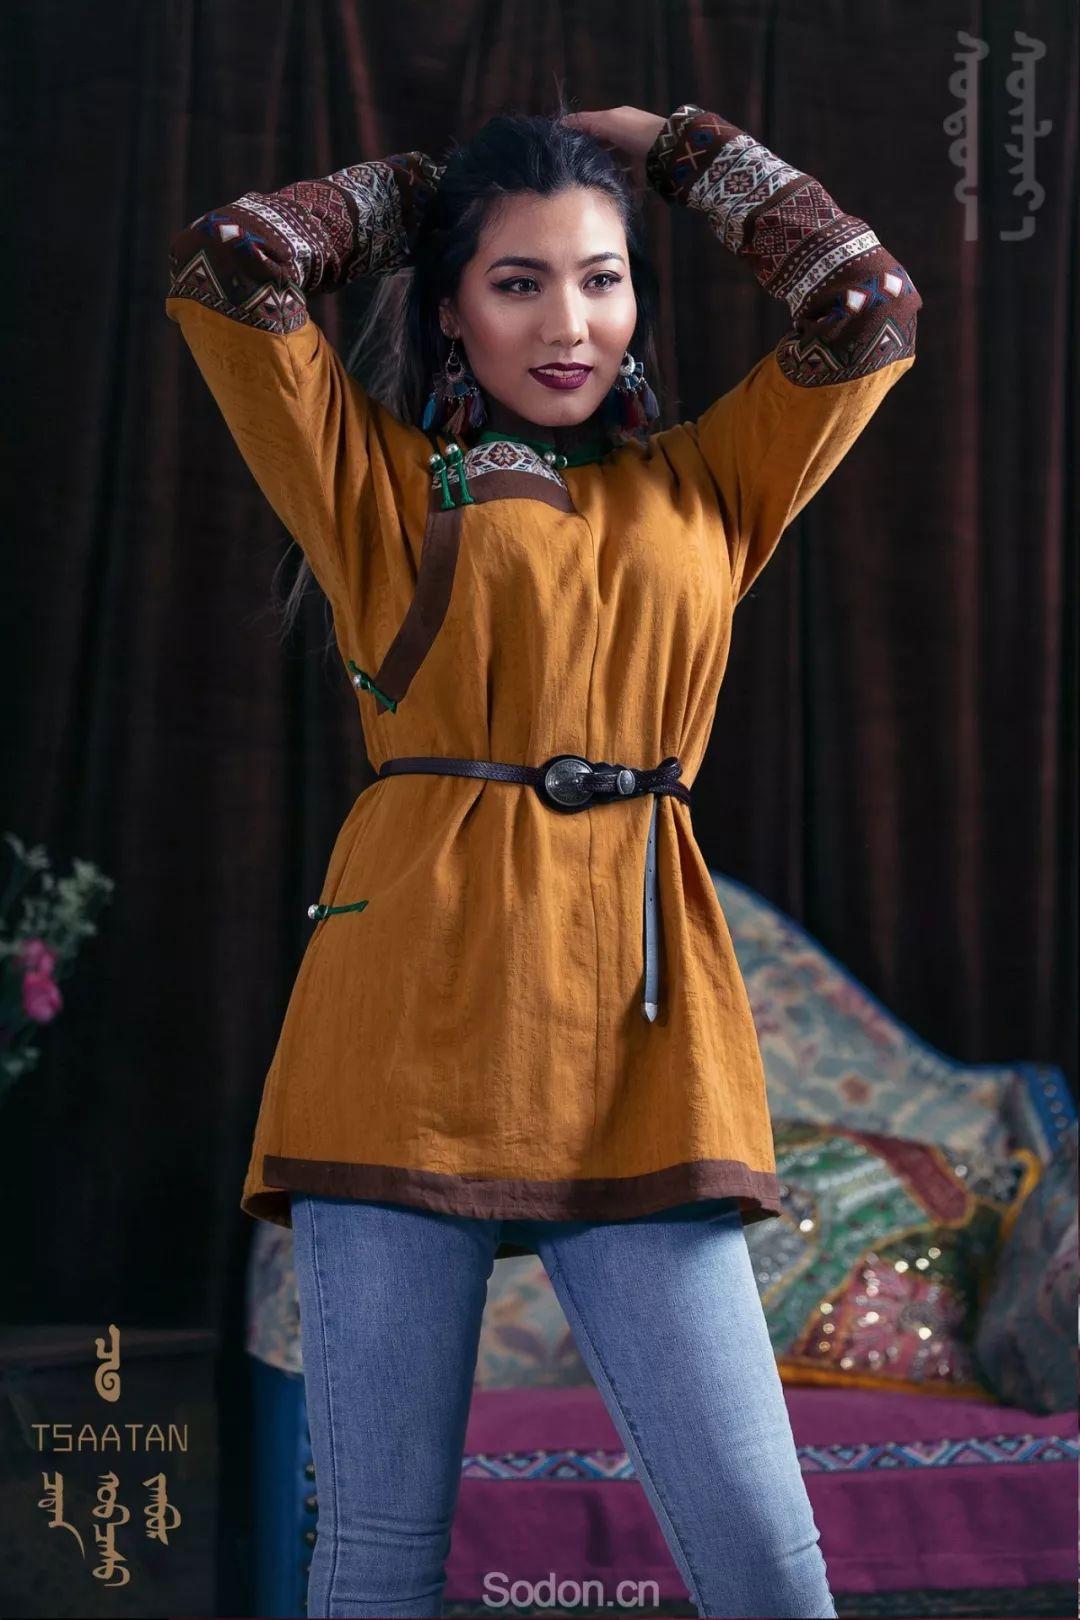 TSAATAN蒙古时装 2019新款,来自驯鹿人的独特魅力! 第61张